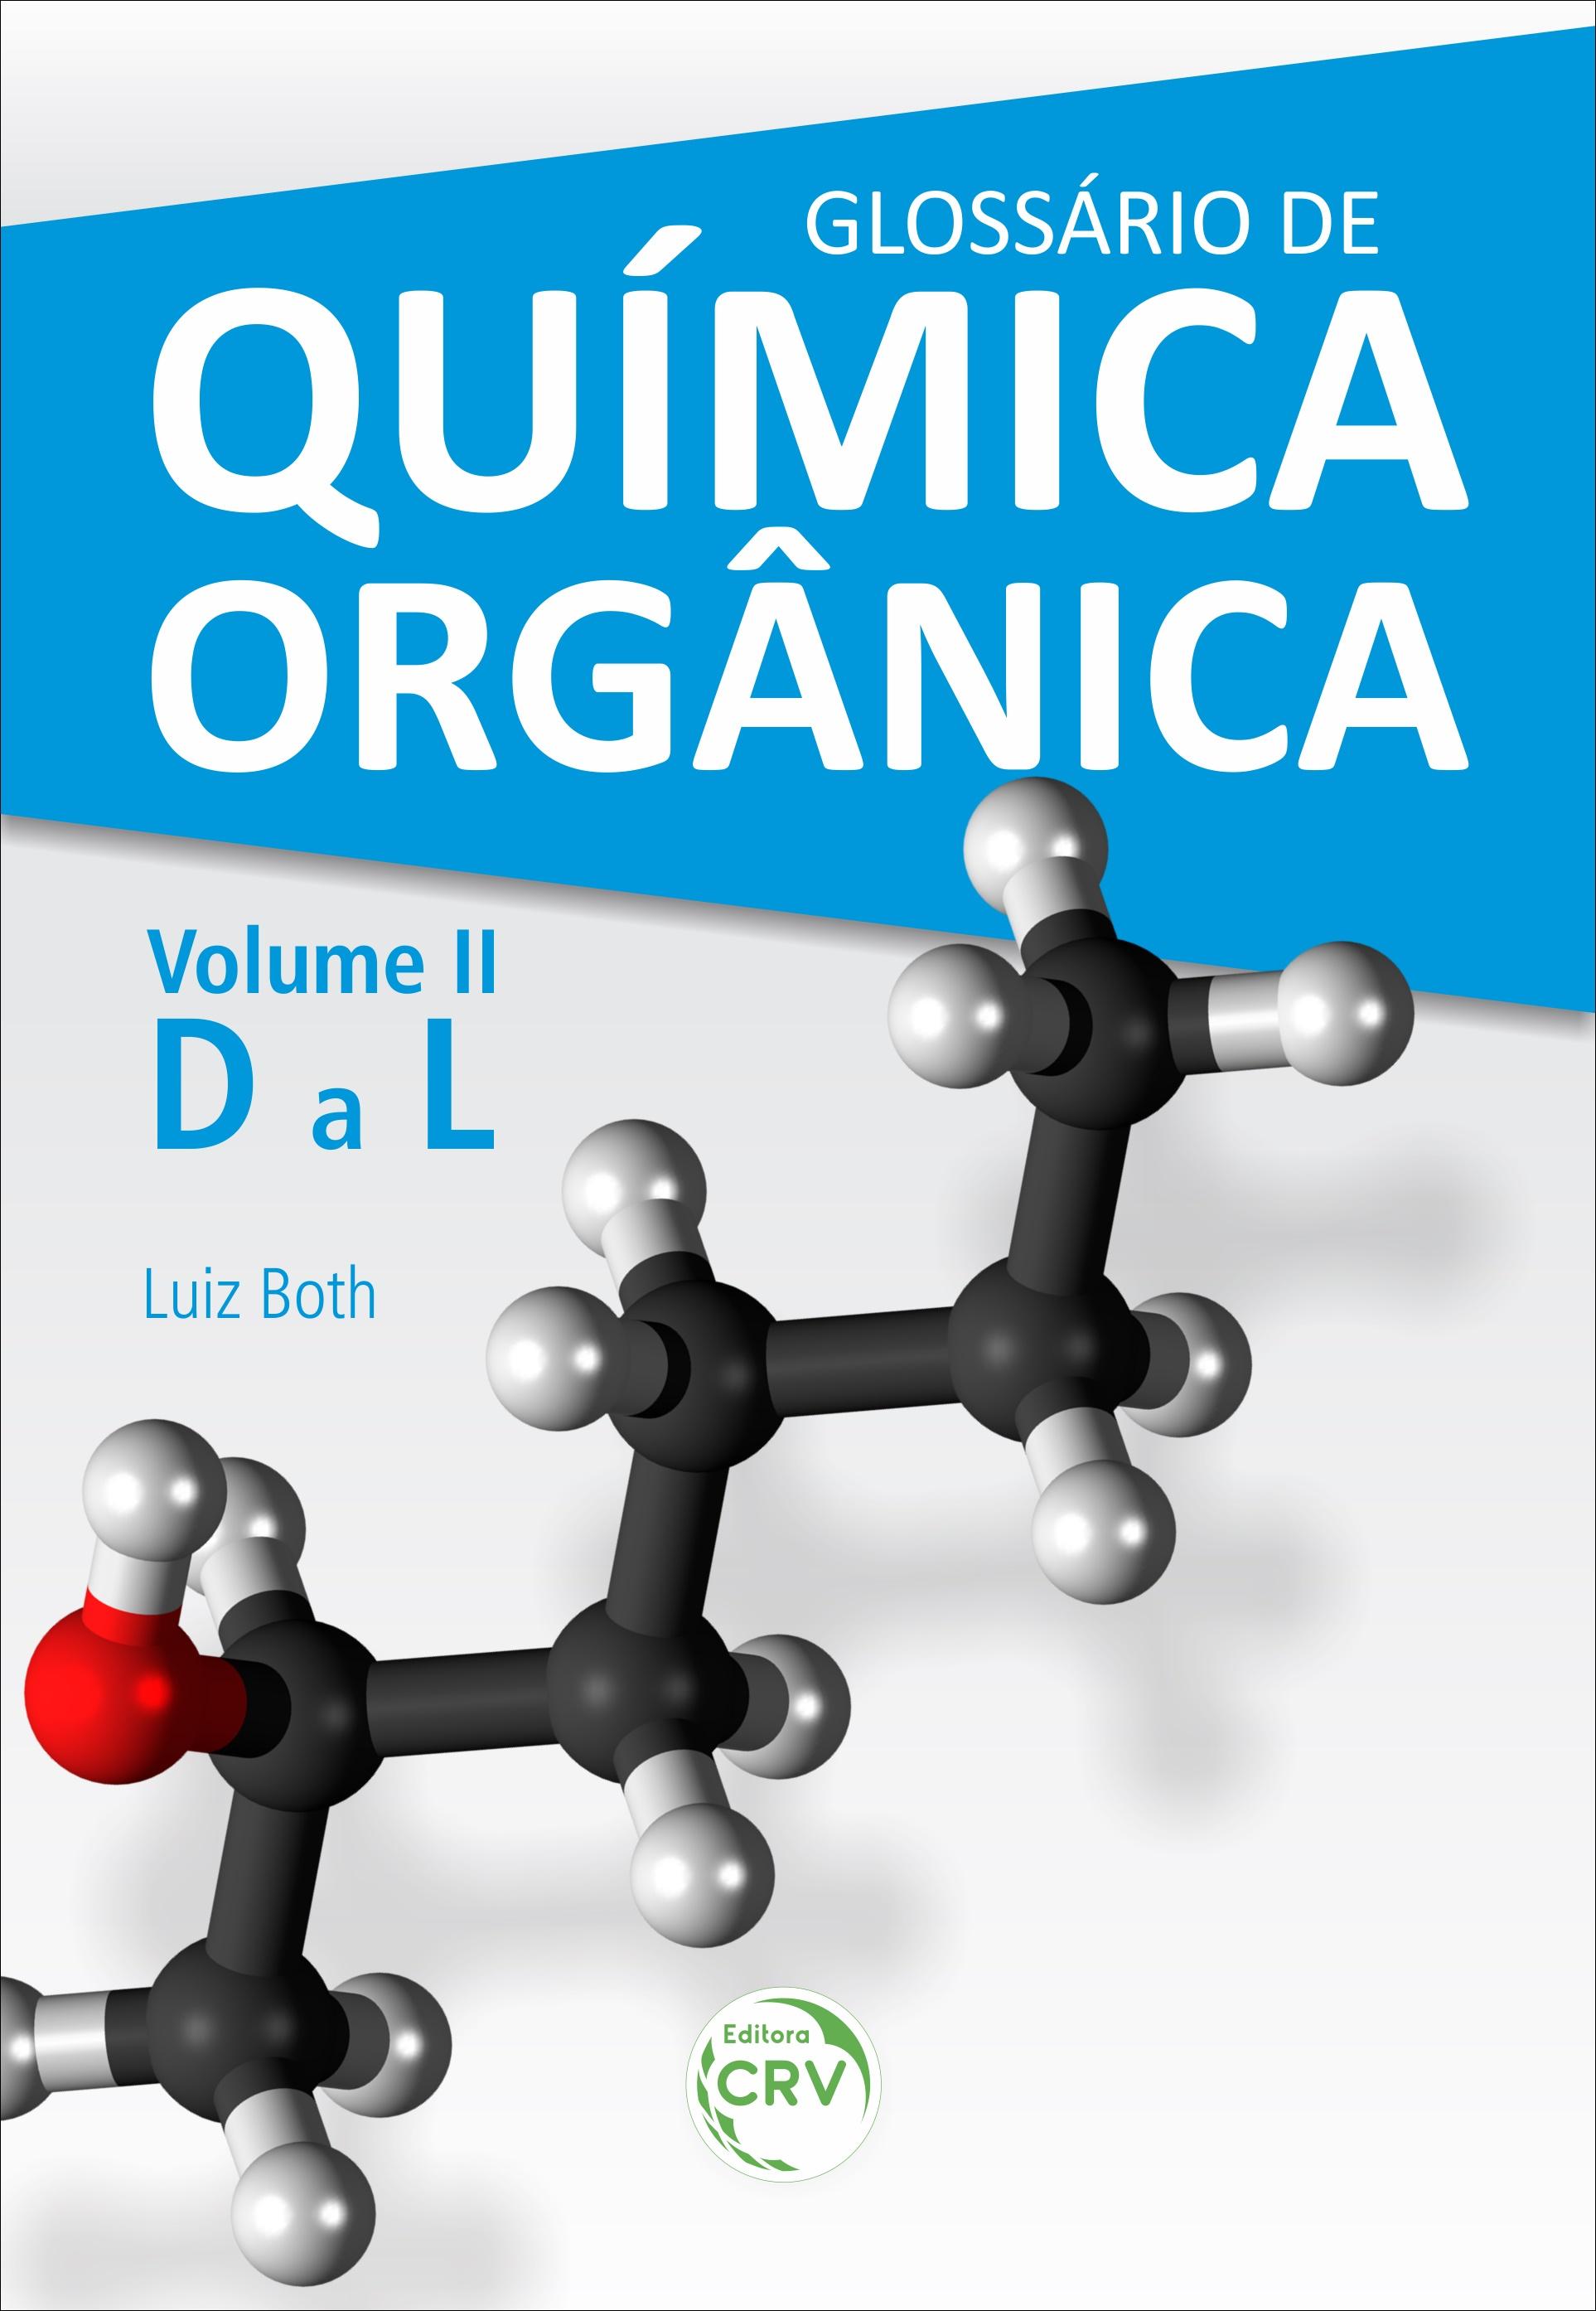 Capa do livro: GLOSSÁRIO DE QUÍMICA ORGÂNICA <br>Volume II (D a L)